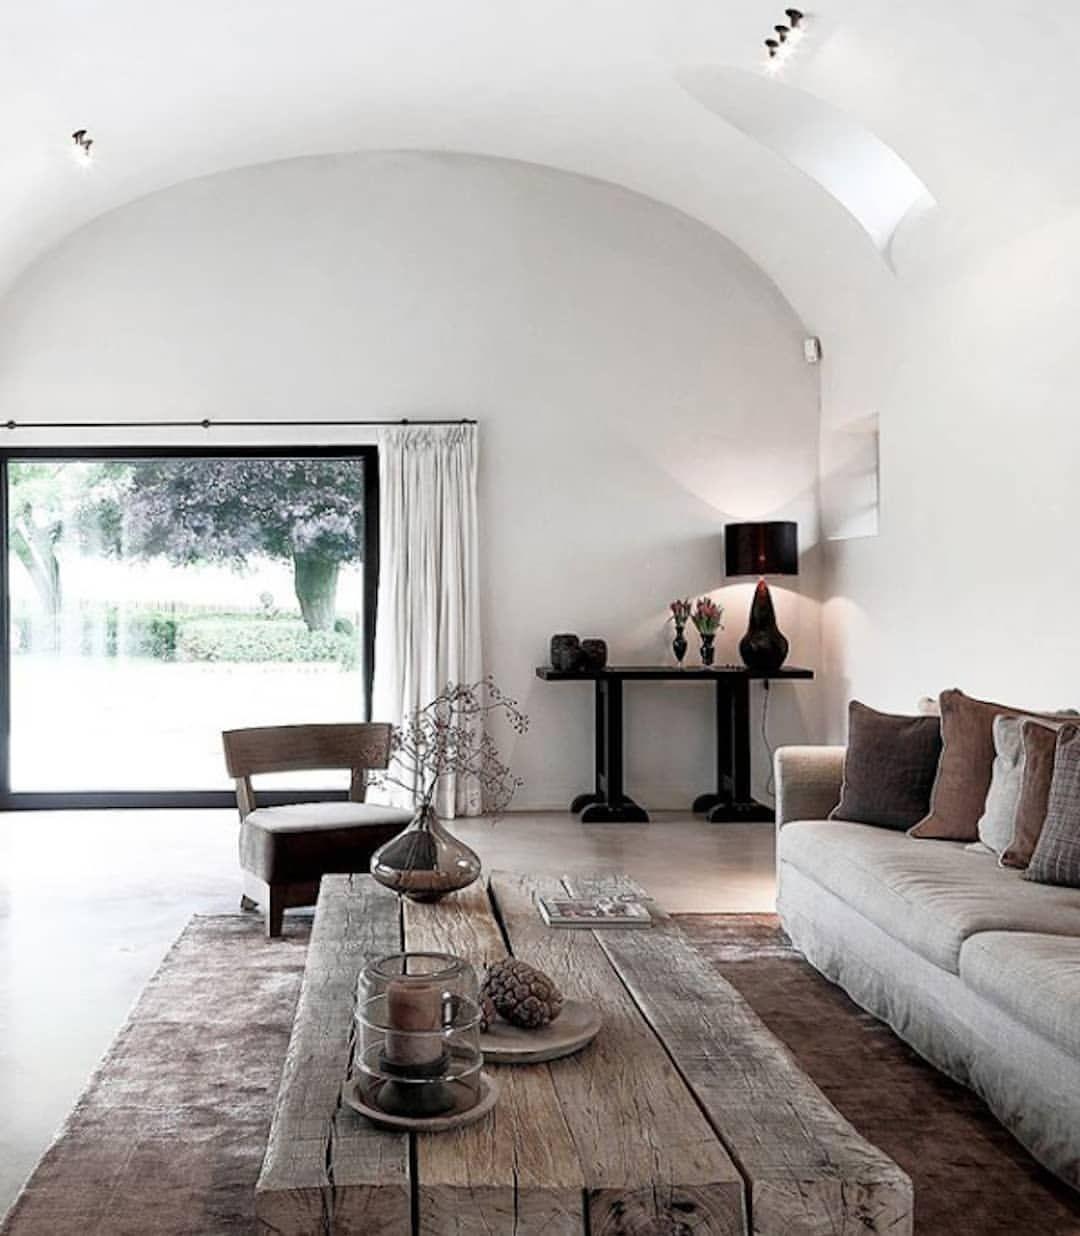 Rooms: INTERIORS: Natural Tones And Rustic Materials Bring An